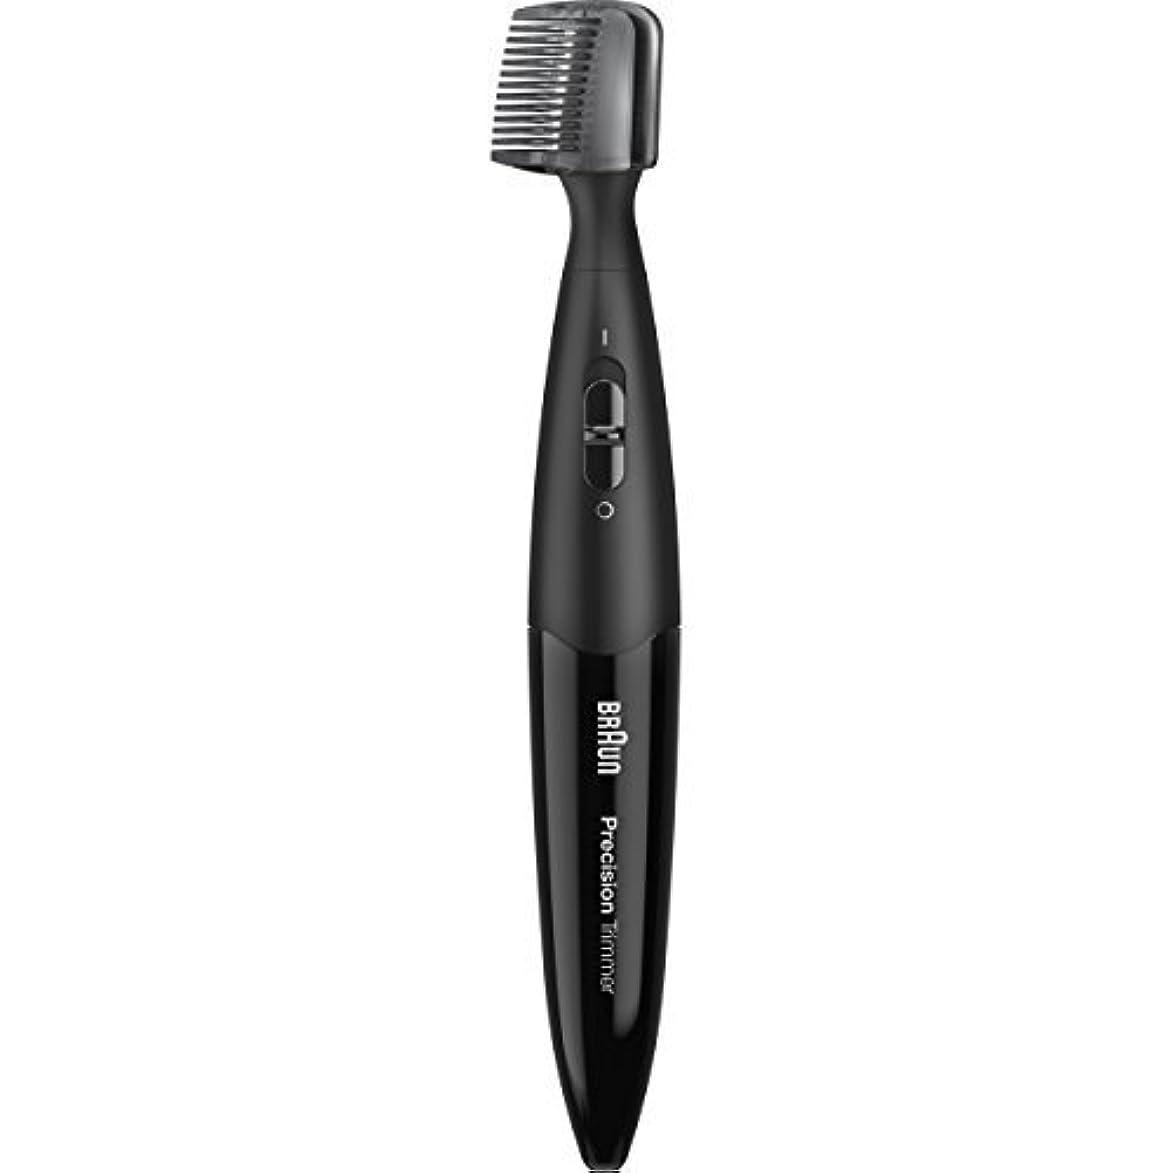 肌寒いはげ境界Braun Precision Trimmer PT5010, Men's Precision Beard, Ear & Nose, Mustache detailer, styler [並行輸入品]